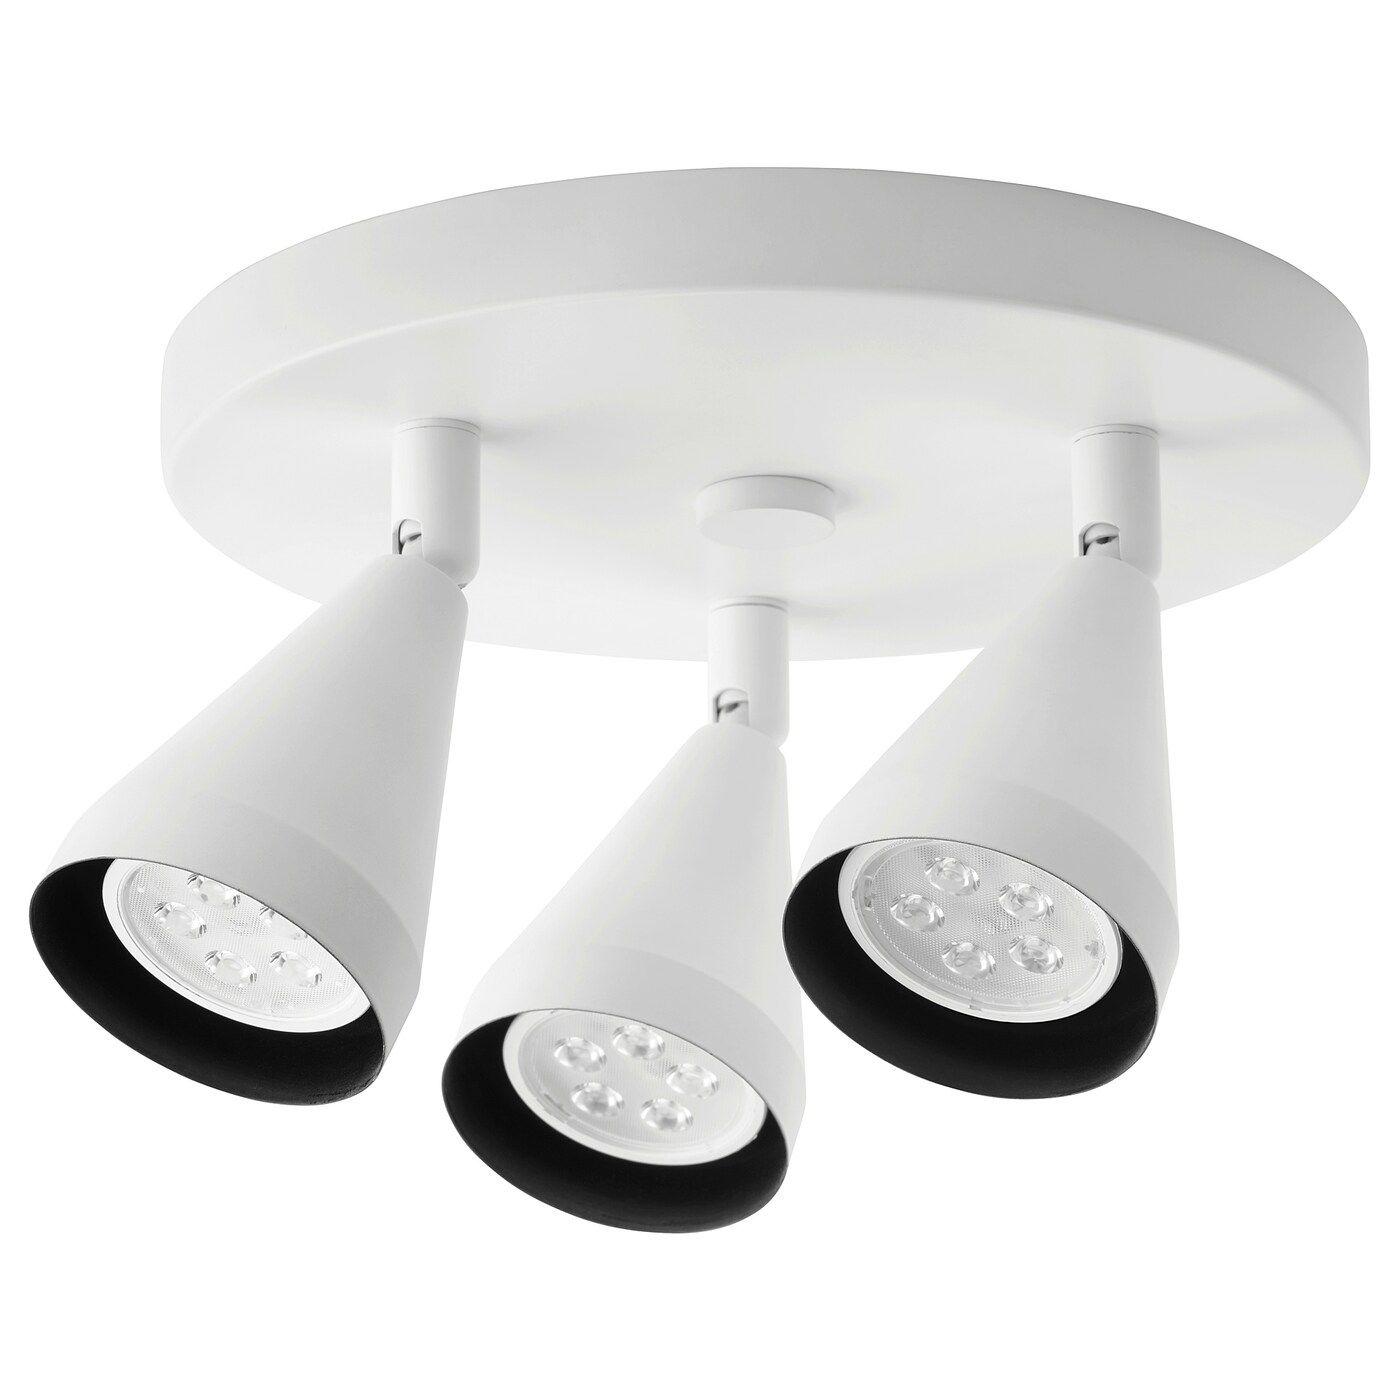 Navlinge Ceiling Spotlight With 3 Lights White Ikea In 2020 Ceiling Spotlights Led Ceiling Spotlights Ceiling Lamp